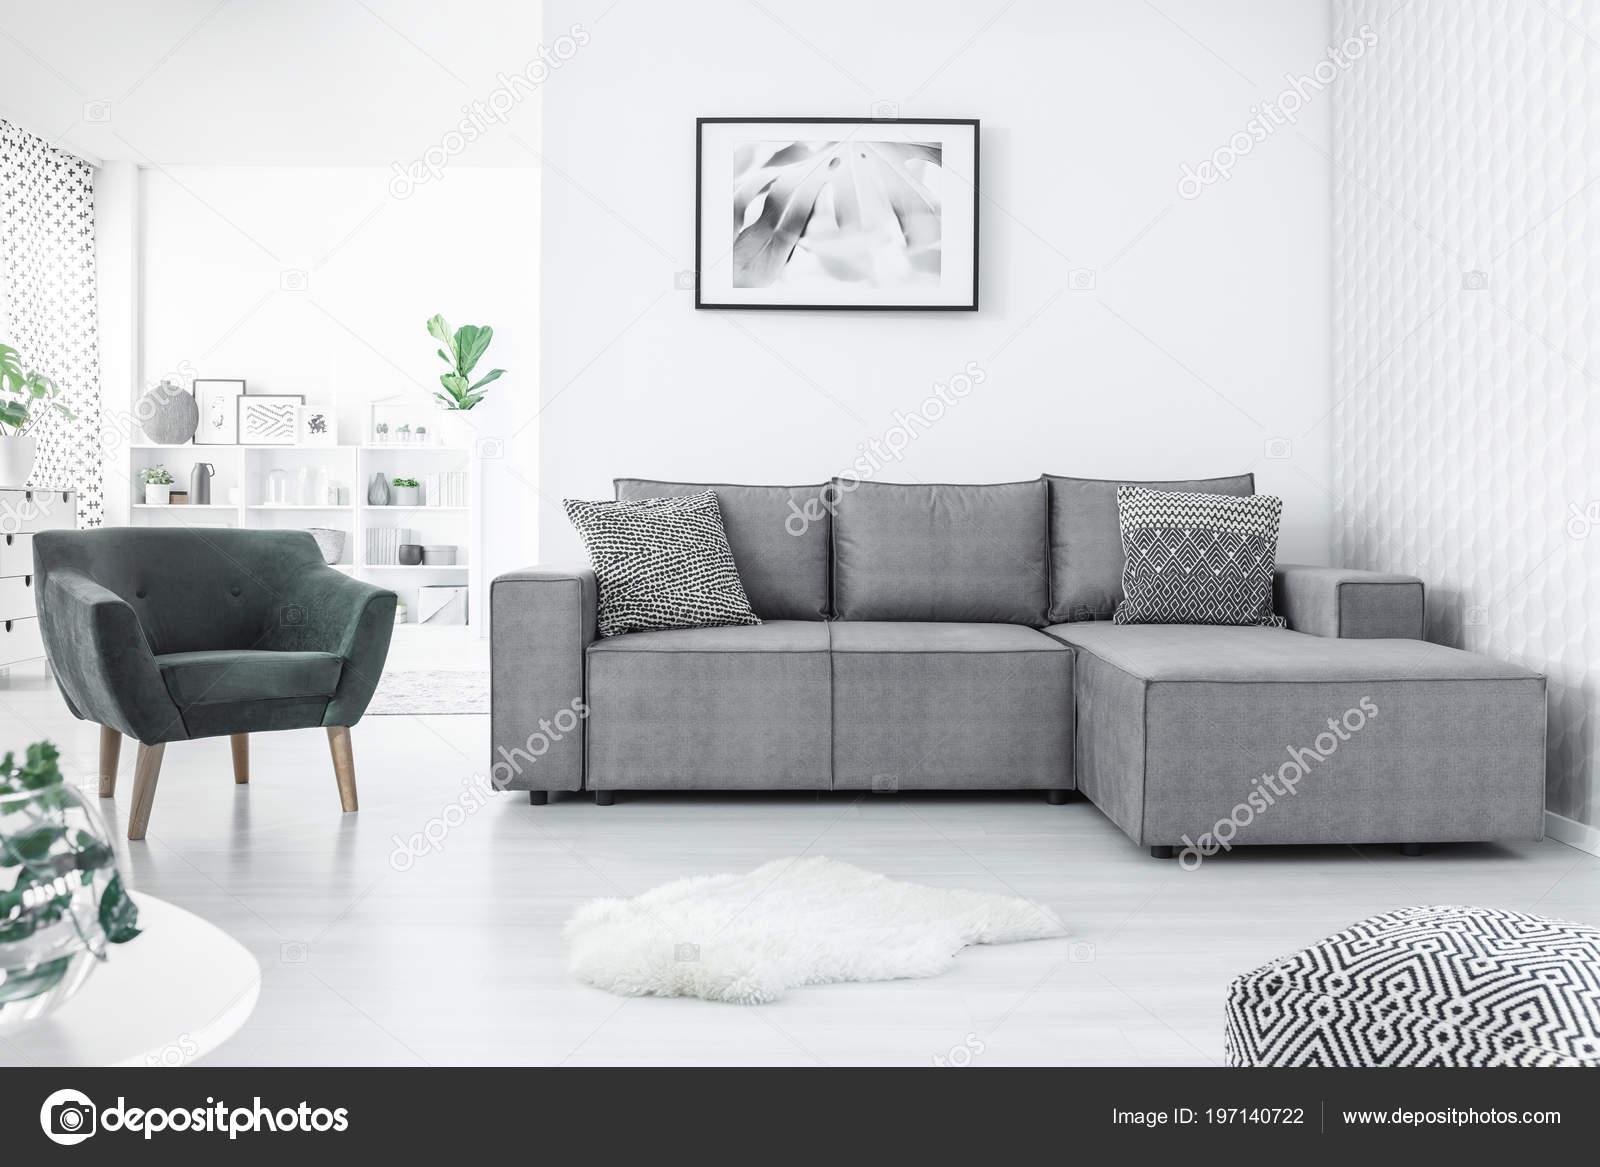 Sessel Und Ecke Sofa Malerei Auf Die Weisse Wand Und Stockfoto